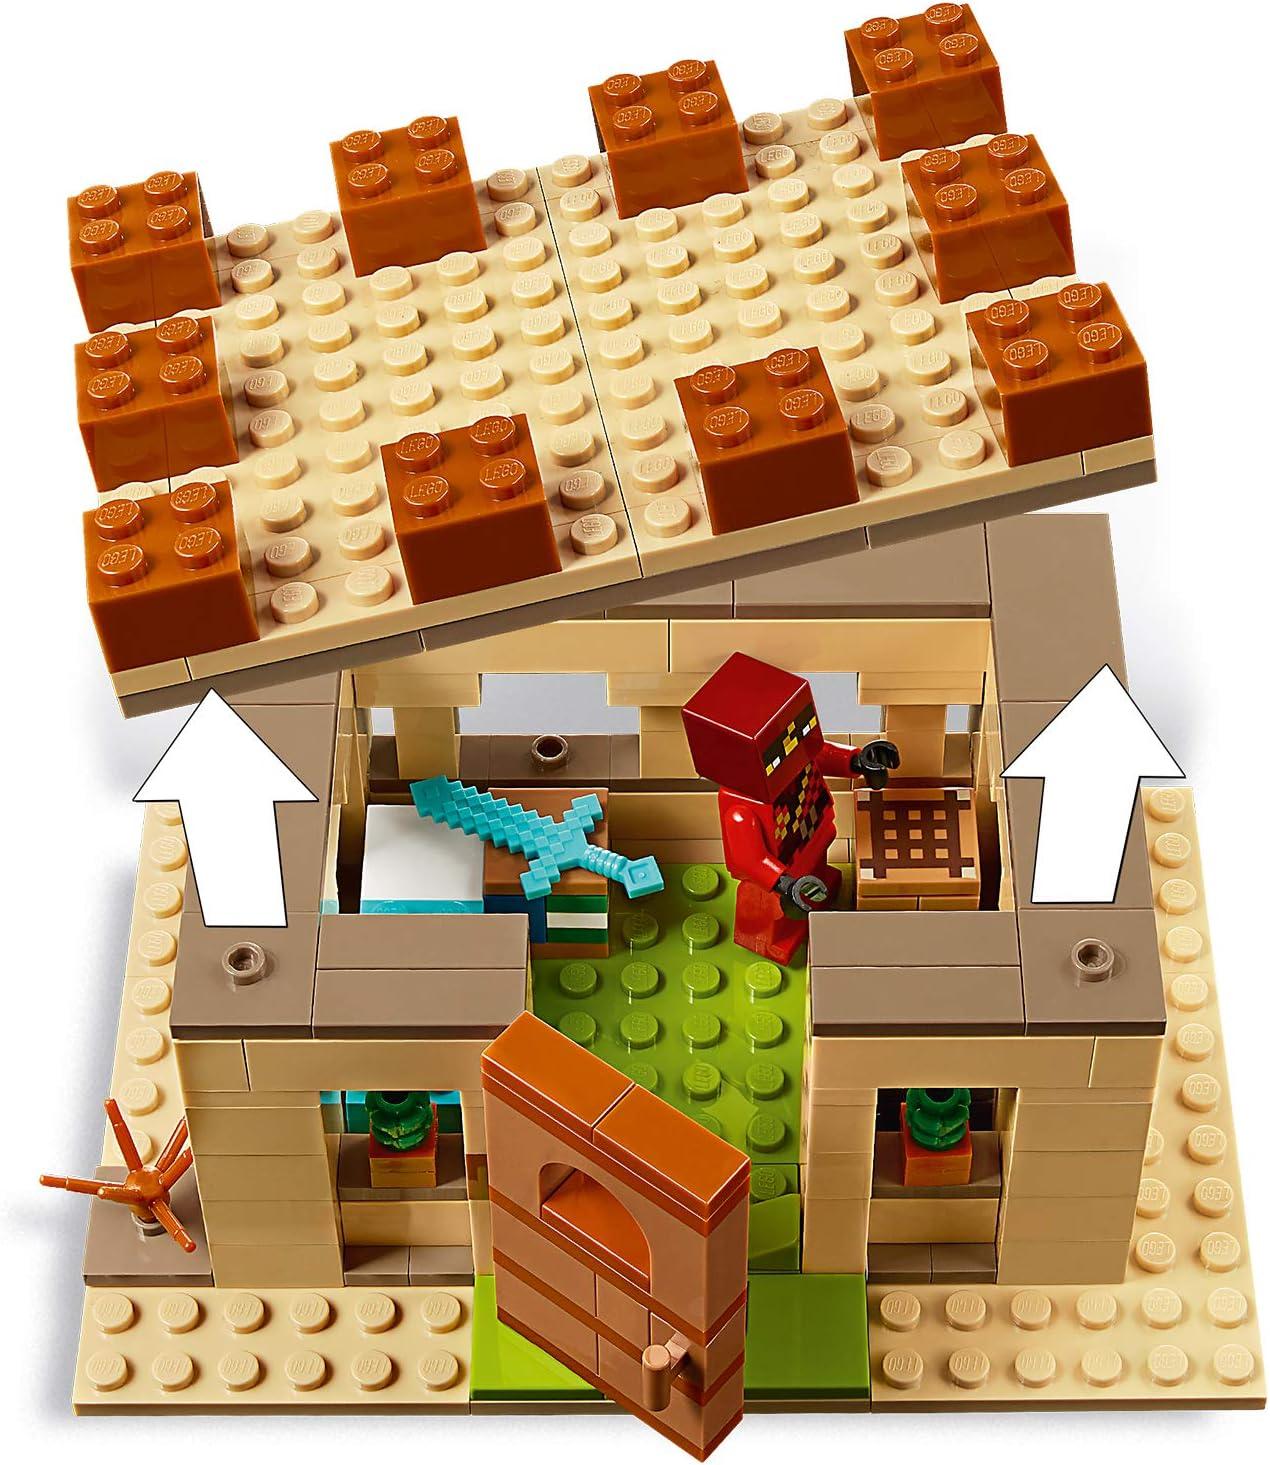 Jeu Construction et Aventure Issu du C/él/èbre Jeu de R/ôle 8 Ans Et Plus 21160 Lattaque des illageois LEGO/® Minecraft/™ 562 Pi/èces